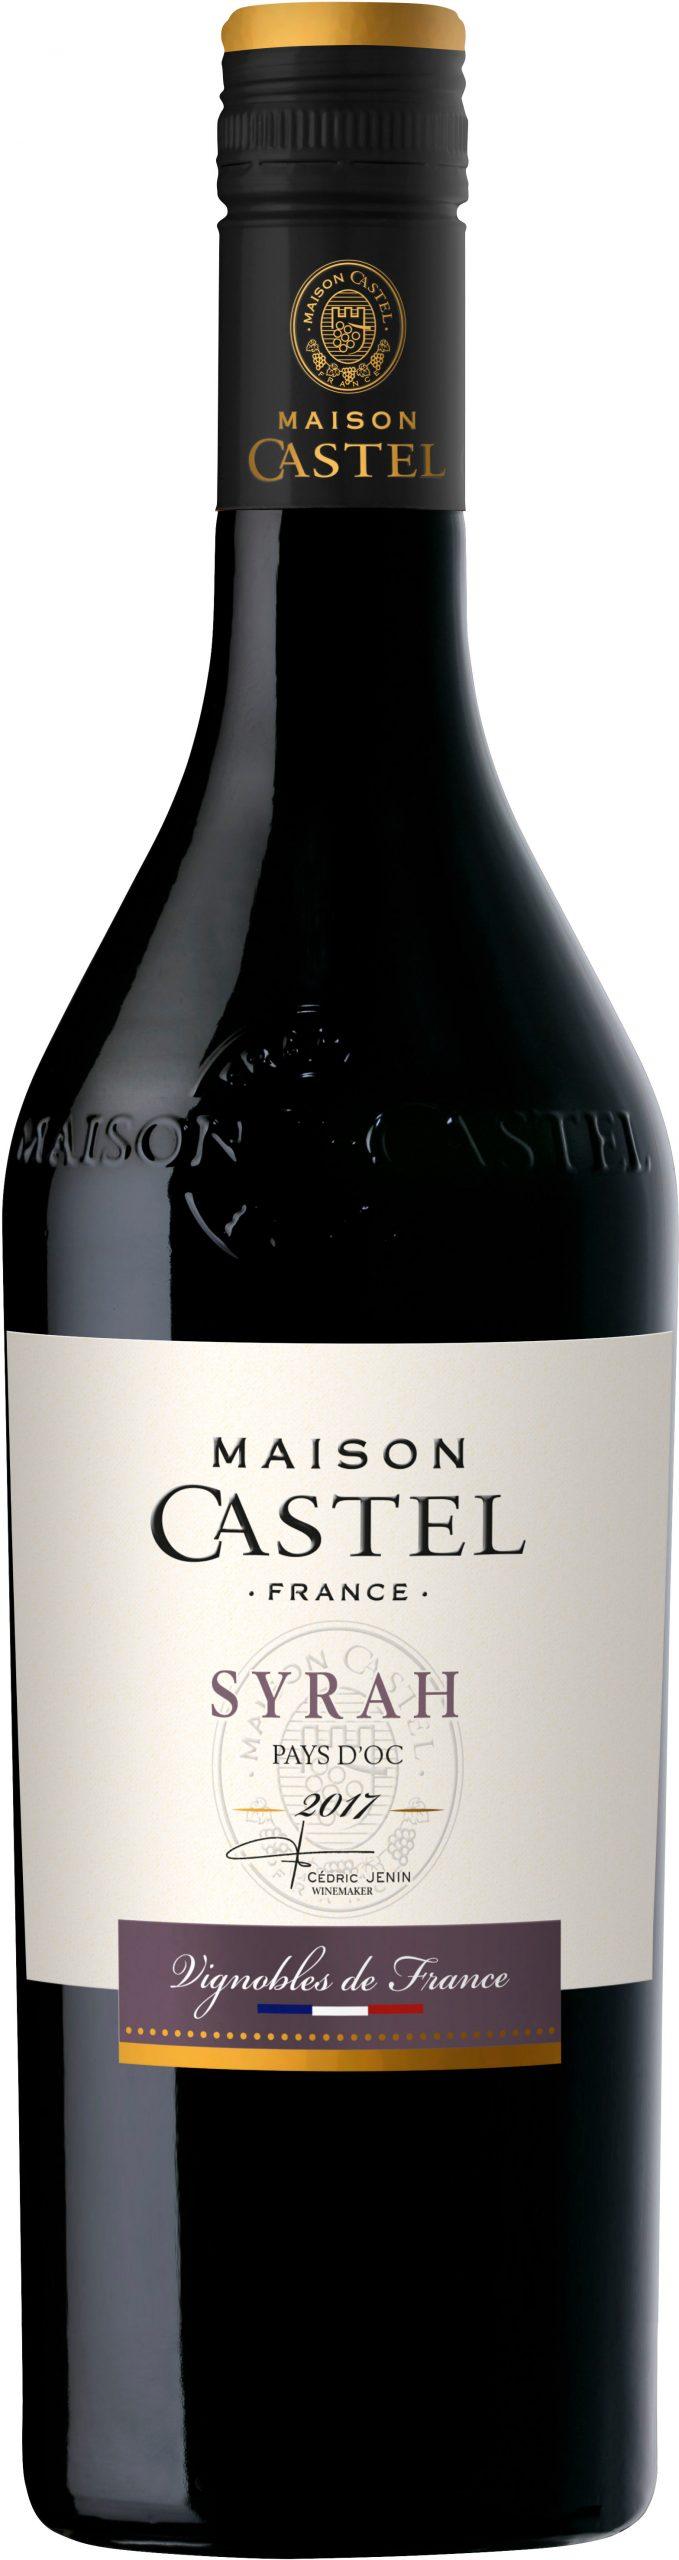 Maison Castel Syrah склад магазин winewine